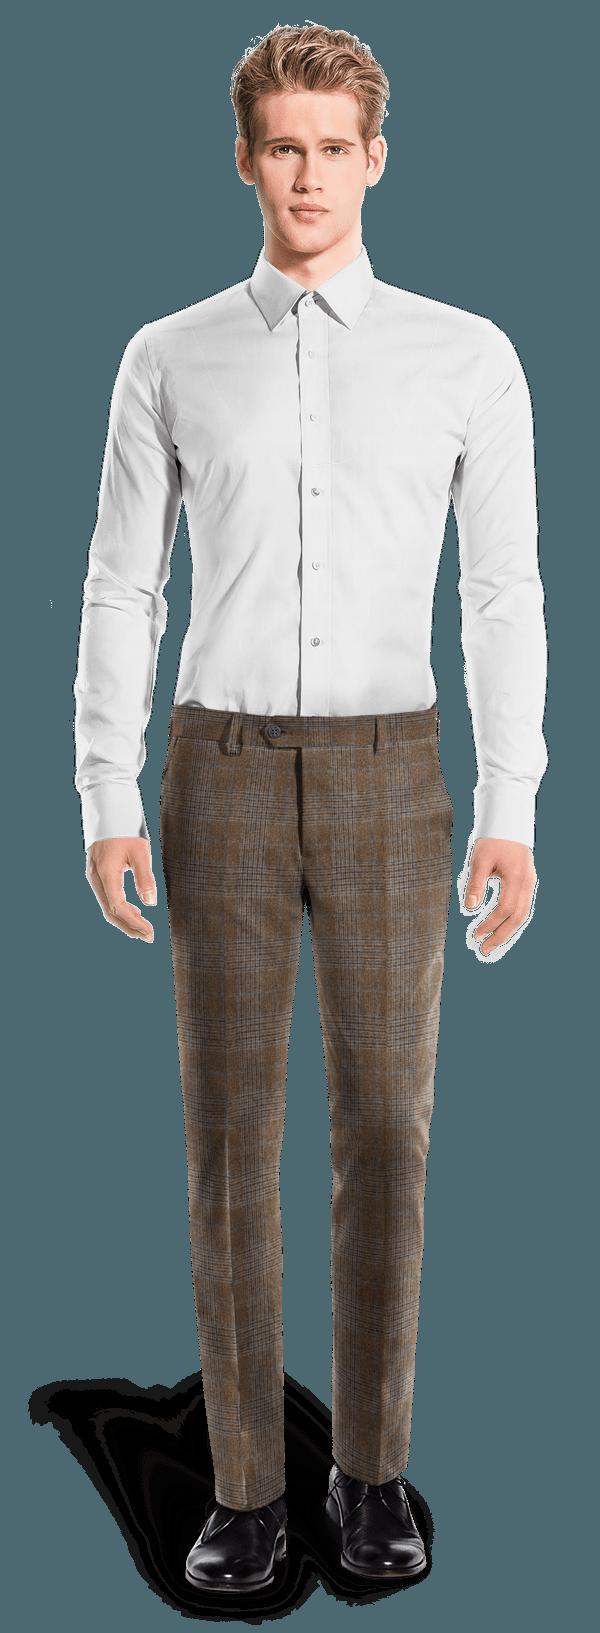 Braune karierte Hose aus Wolle